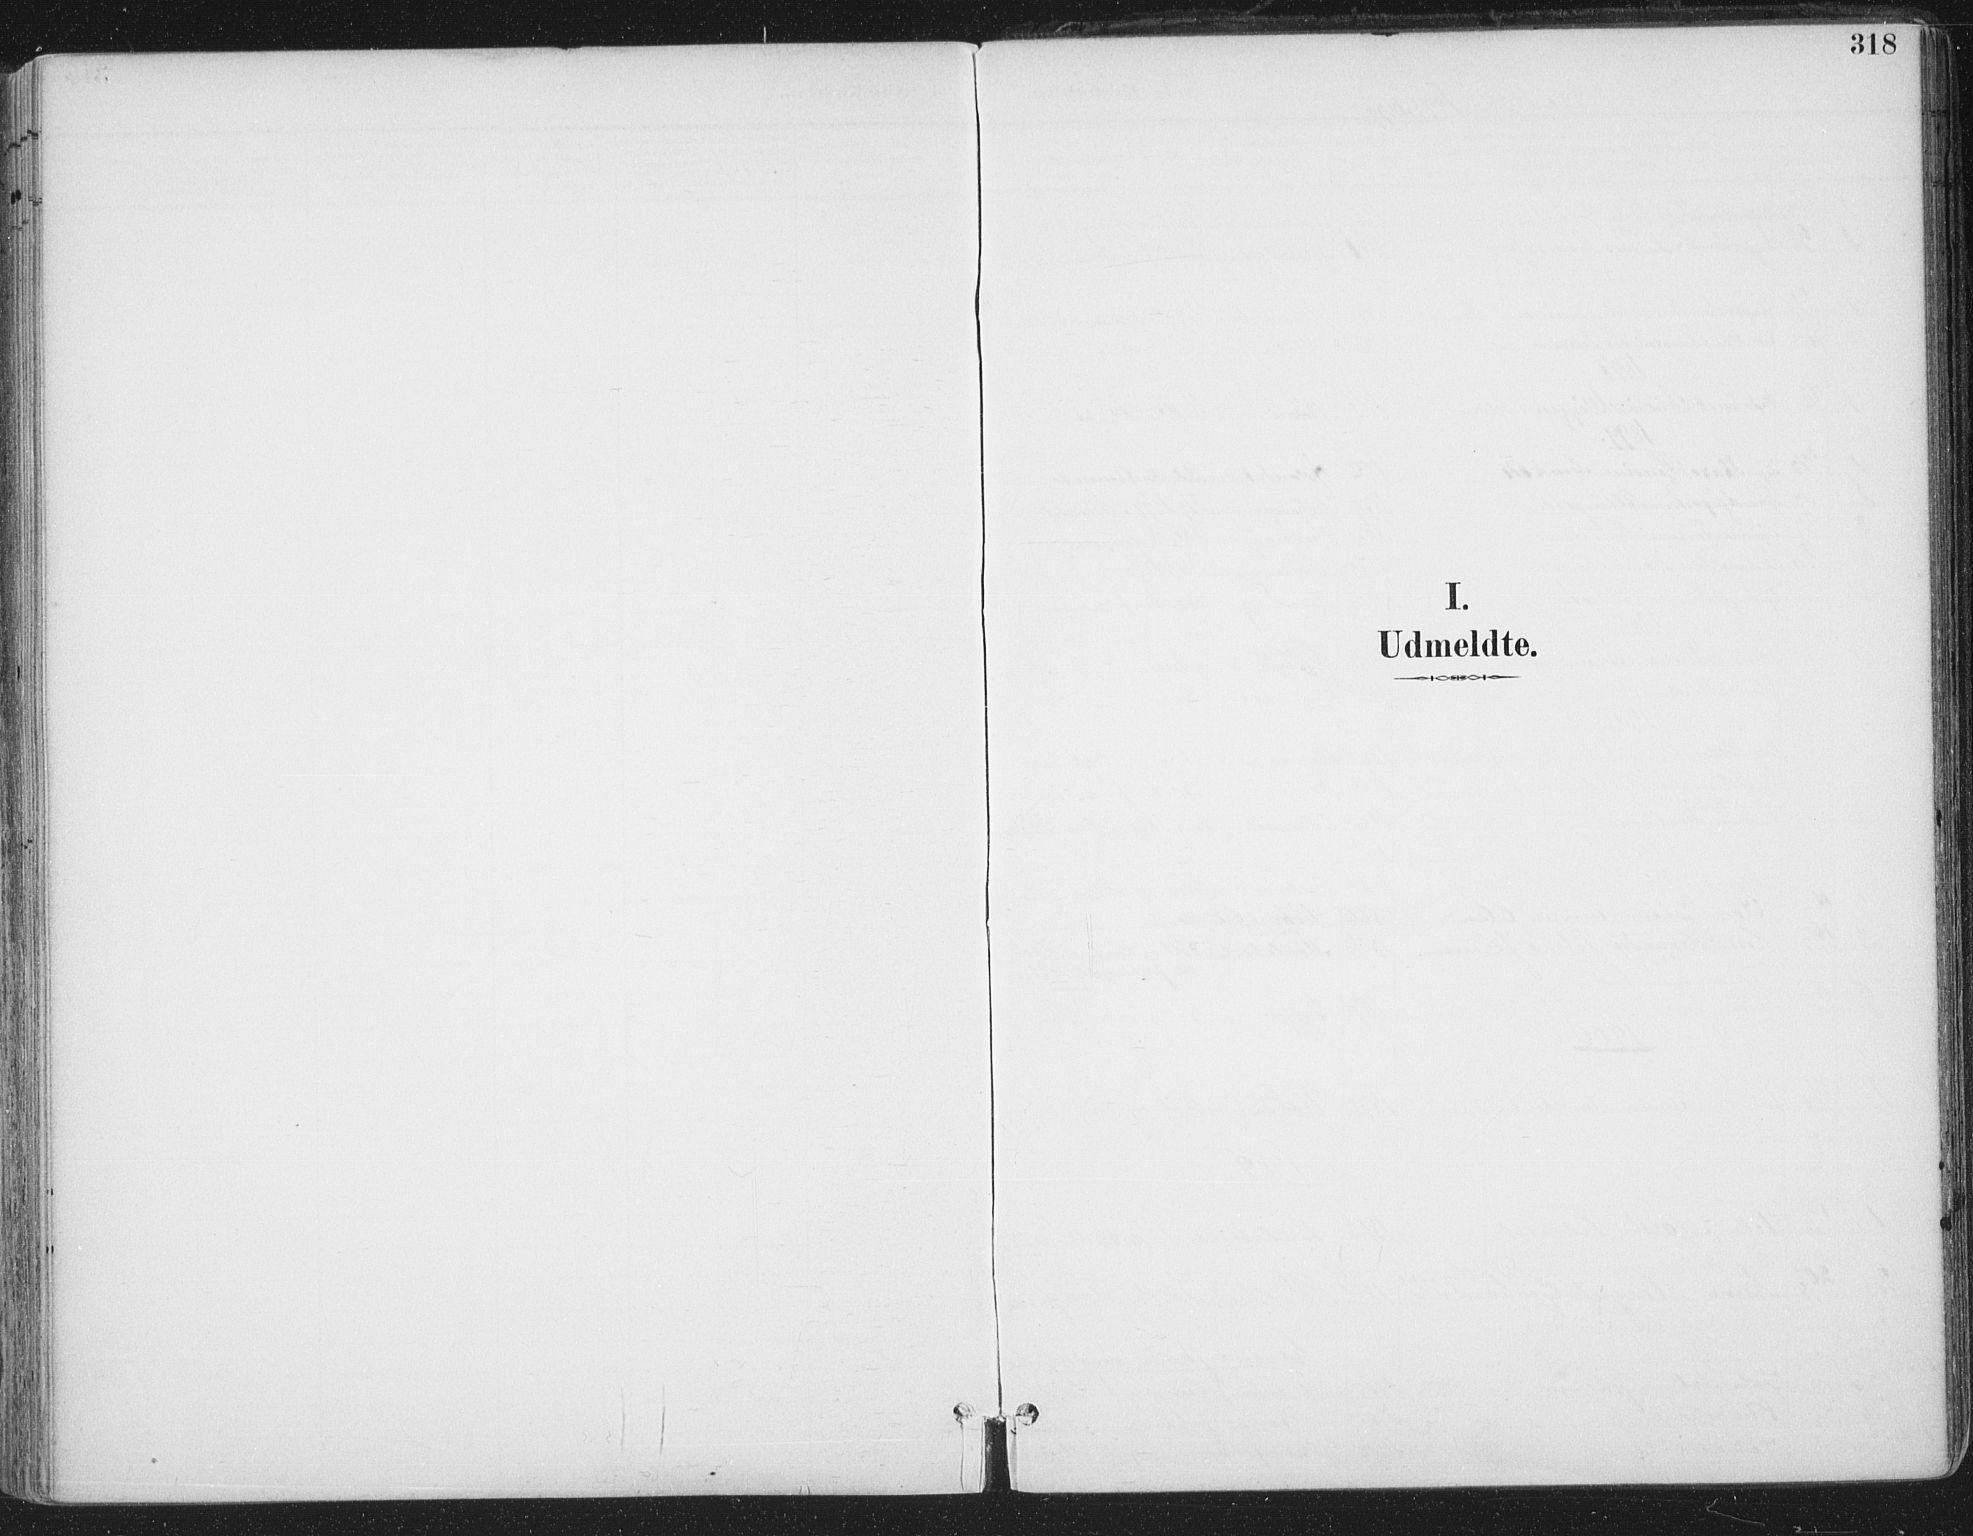 SAT, Ministerialprotokoller, klokkerbøker og fødselsregistre - Sør-Trøndelag, 659/L0743: Ministerialbok nr. 659A13, 1893-1910, s. 318